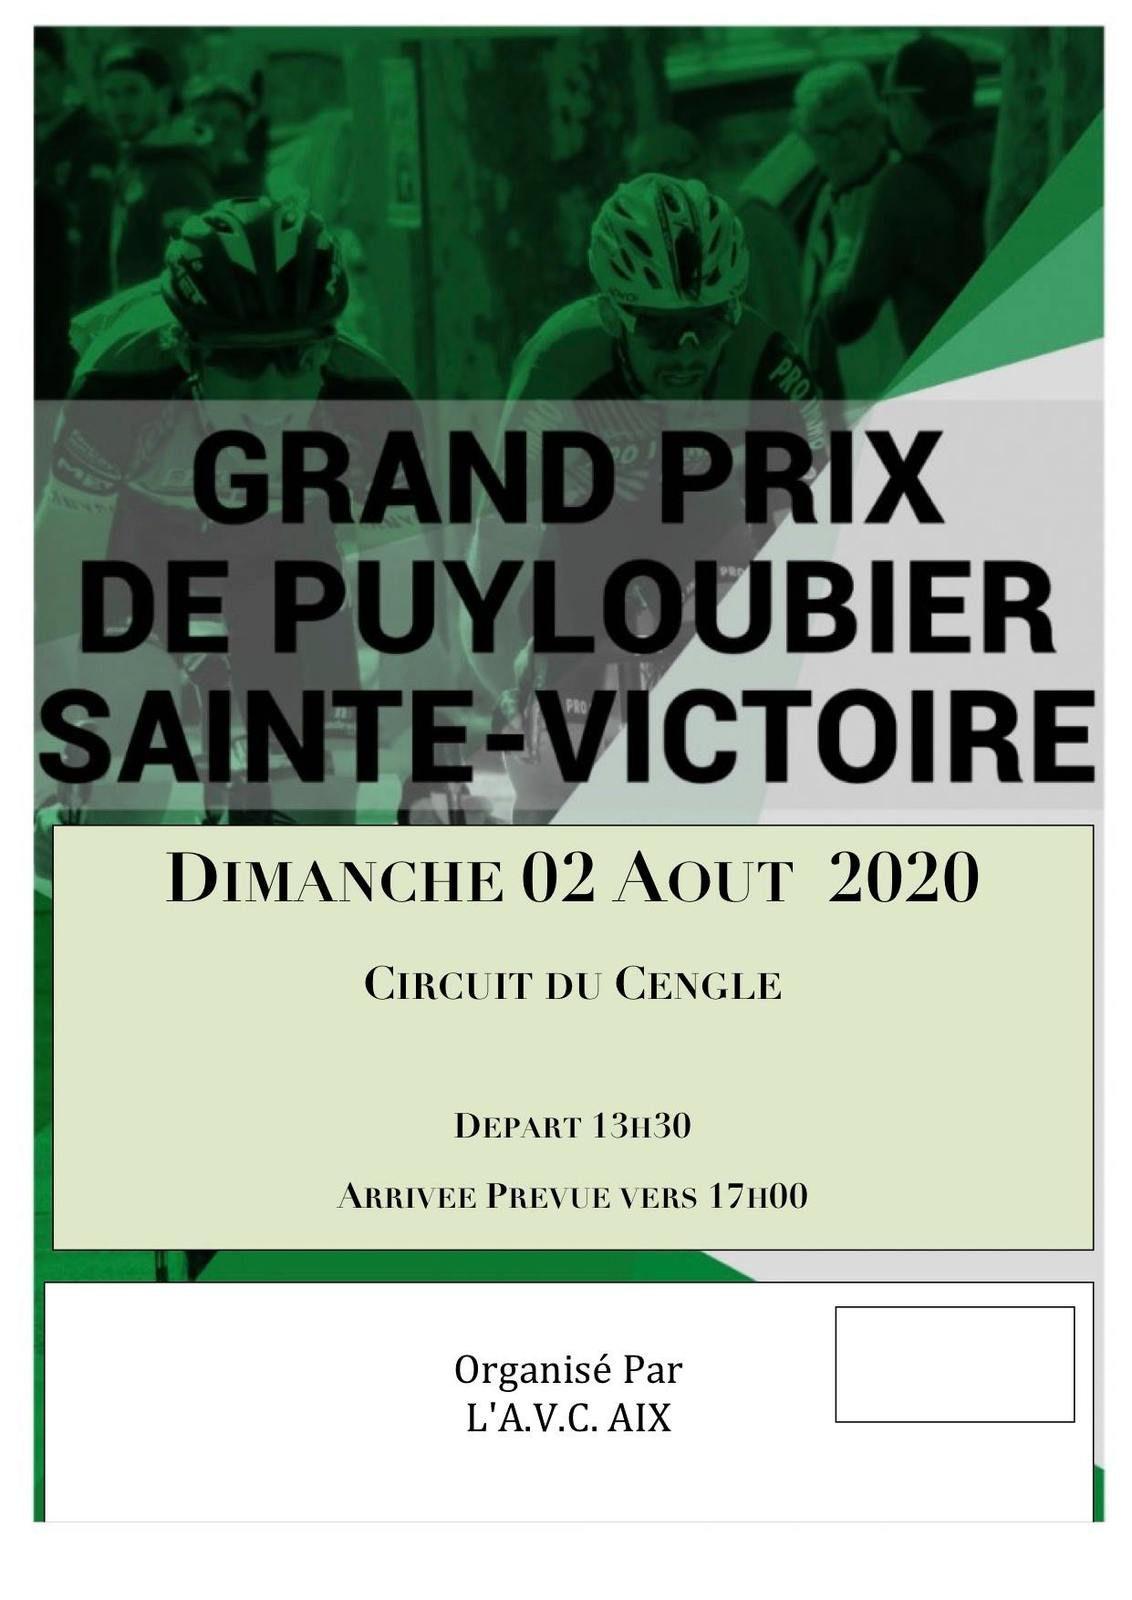 Dimanche, Grand Prix de Puyloubier Sainte-Victoire